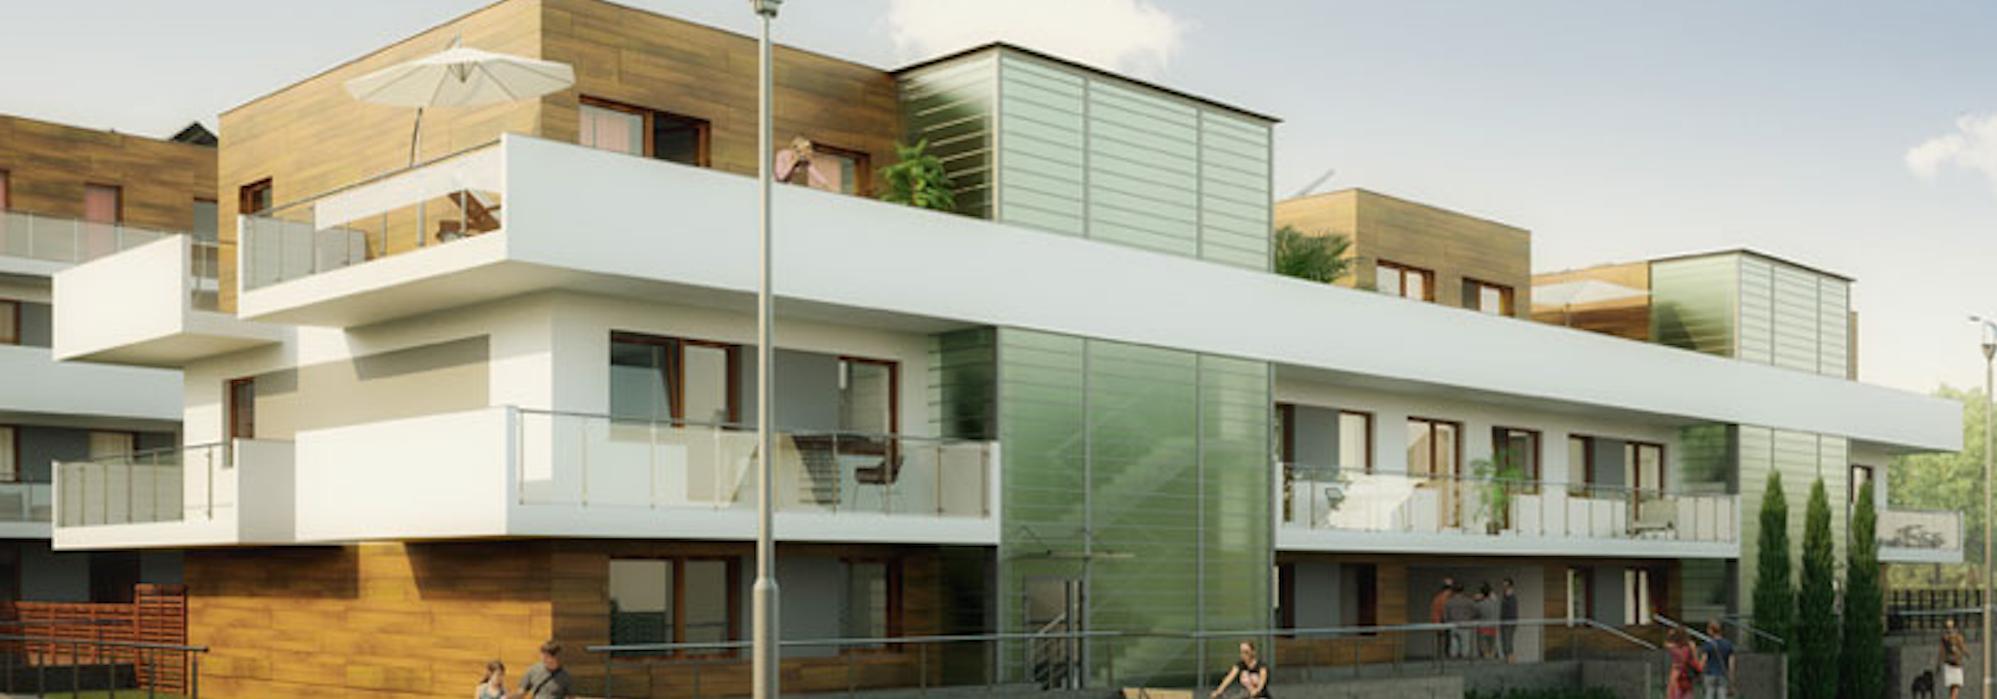 Sto metrów mieszkania w Rzeszowie o podwyższonym standardzie – dostępne od ręki!